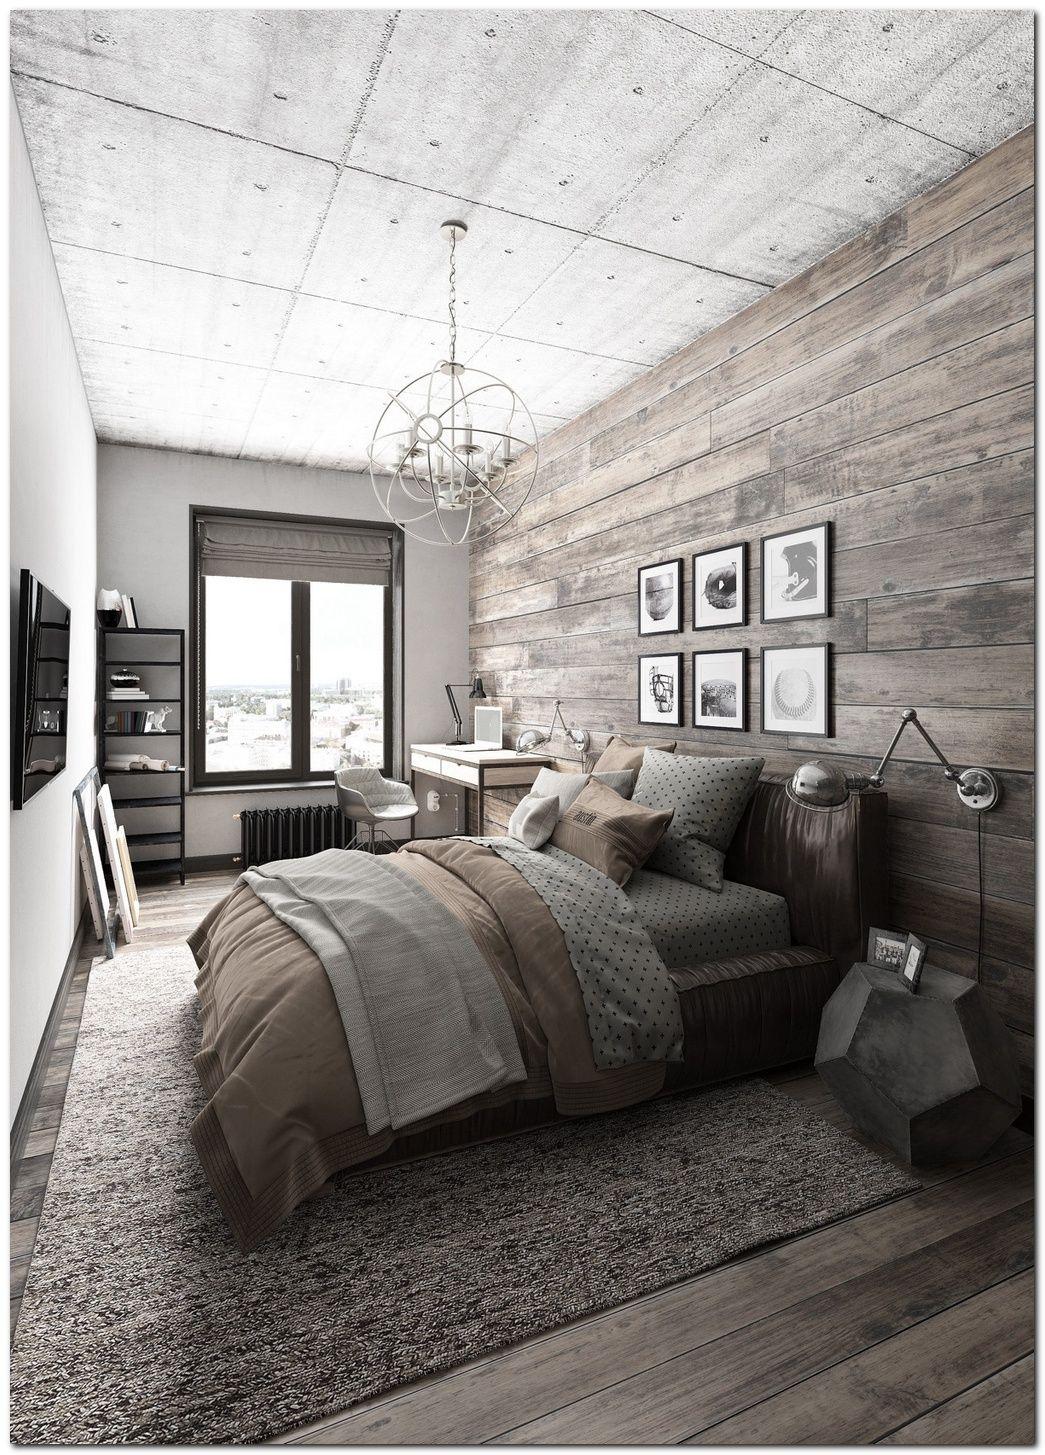 70 Ideas For Industrial Bedroom Interior The Urban Interior Bold Master Bedroom Rustic Master Bedroom Cozy Bedroom Design